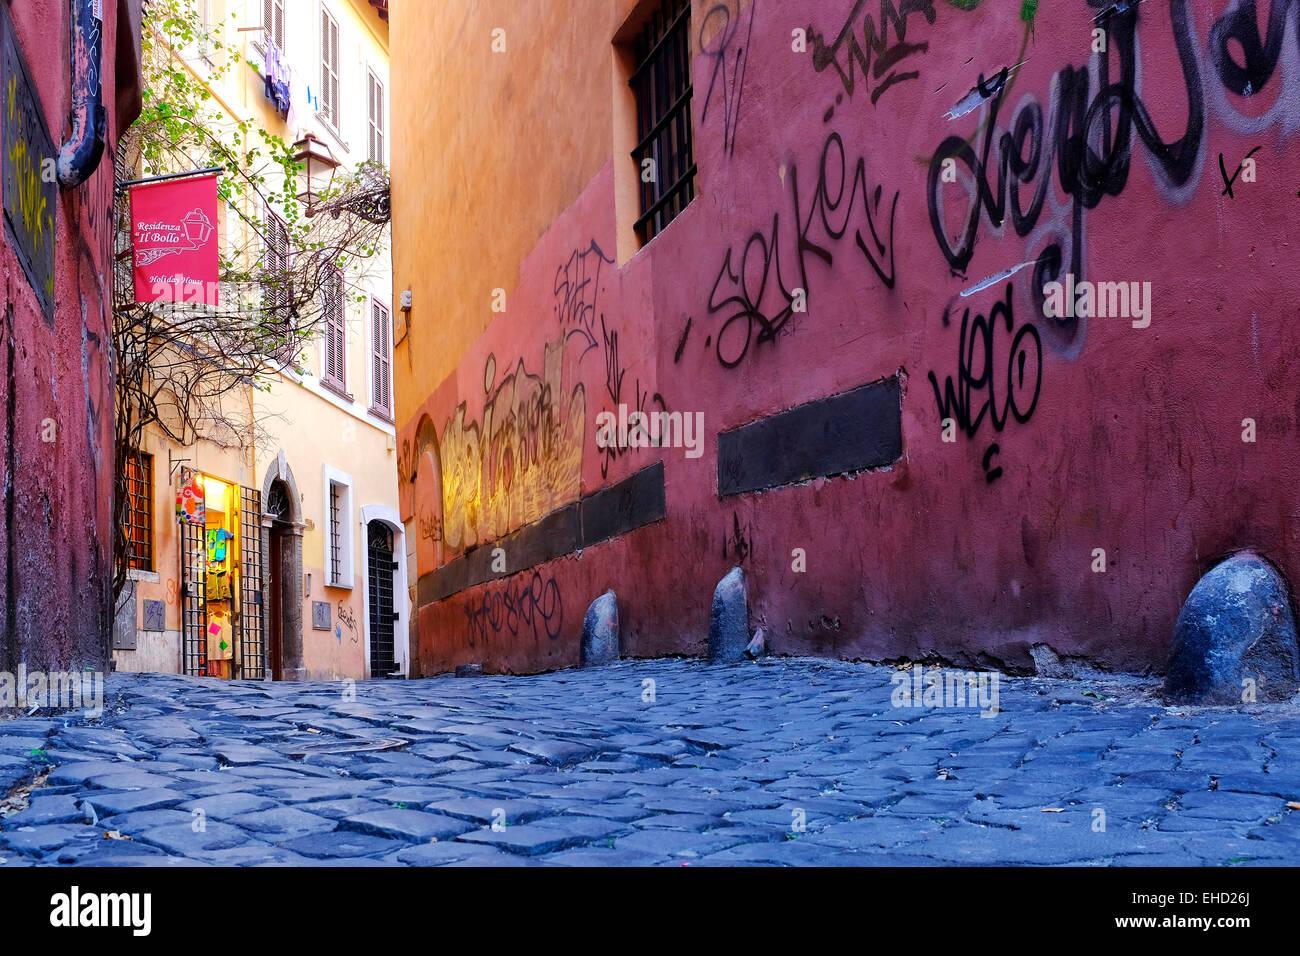 Graffiti on the walls of Vicolo del Bollo, Rome, Italy - Stock Image